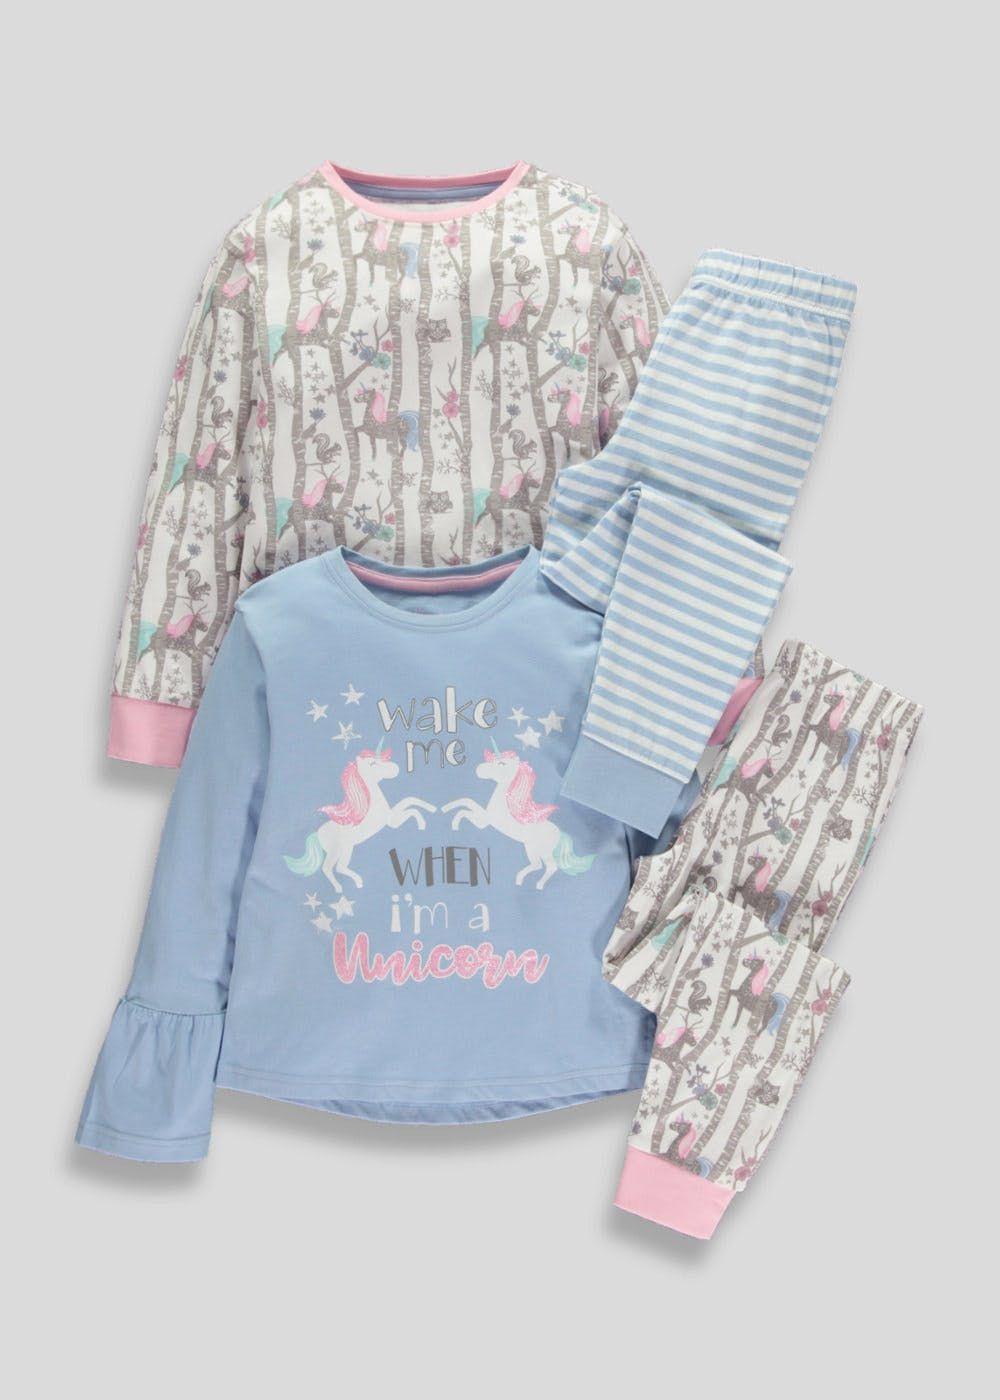 969e38cd0976 Womens, Mens, Kids & Homeware Online | Girls Fashion | Fashion ...